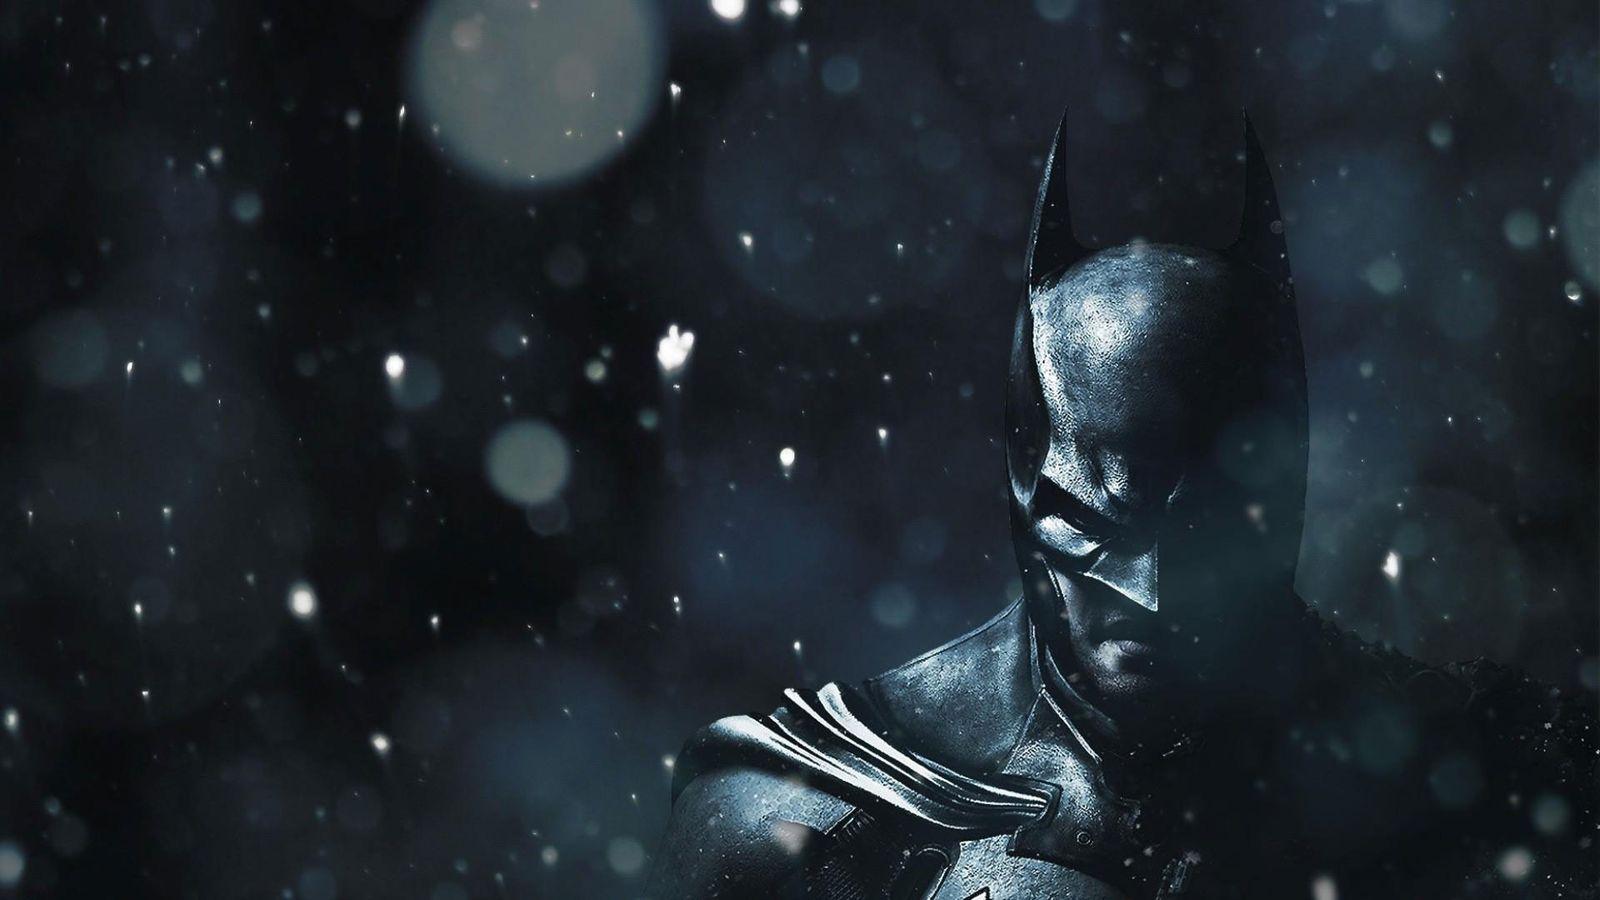 Cool Batman Wallpaper Picture Image 1600x900